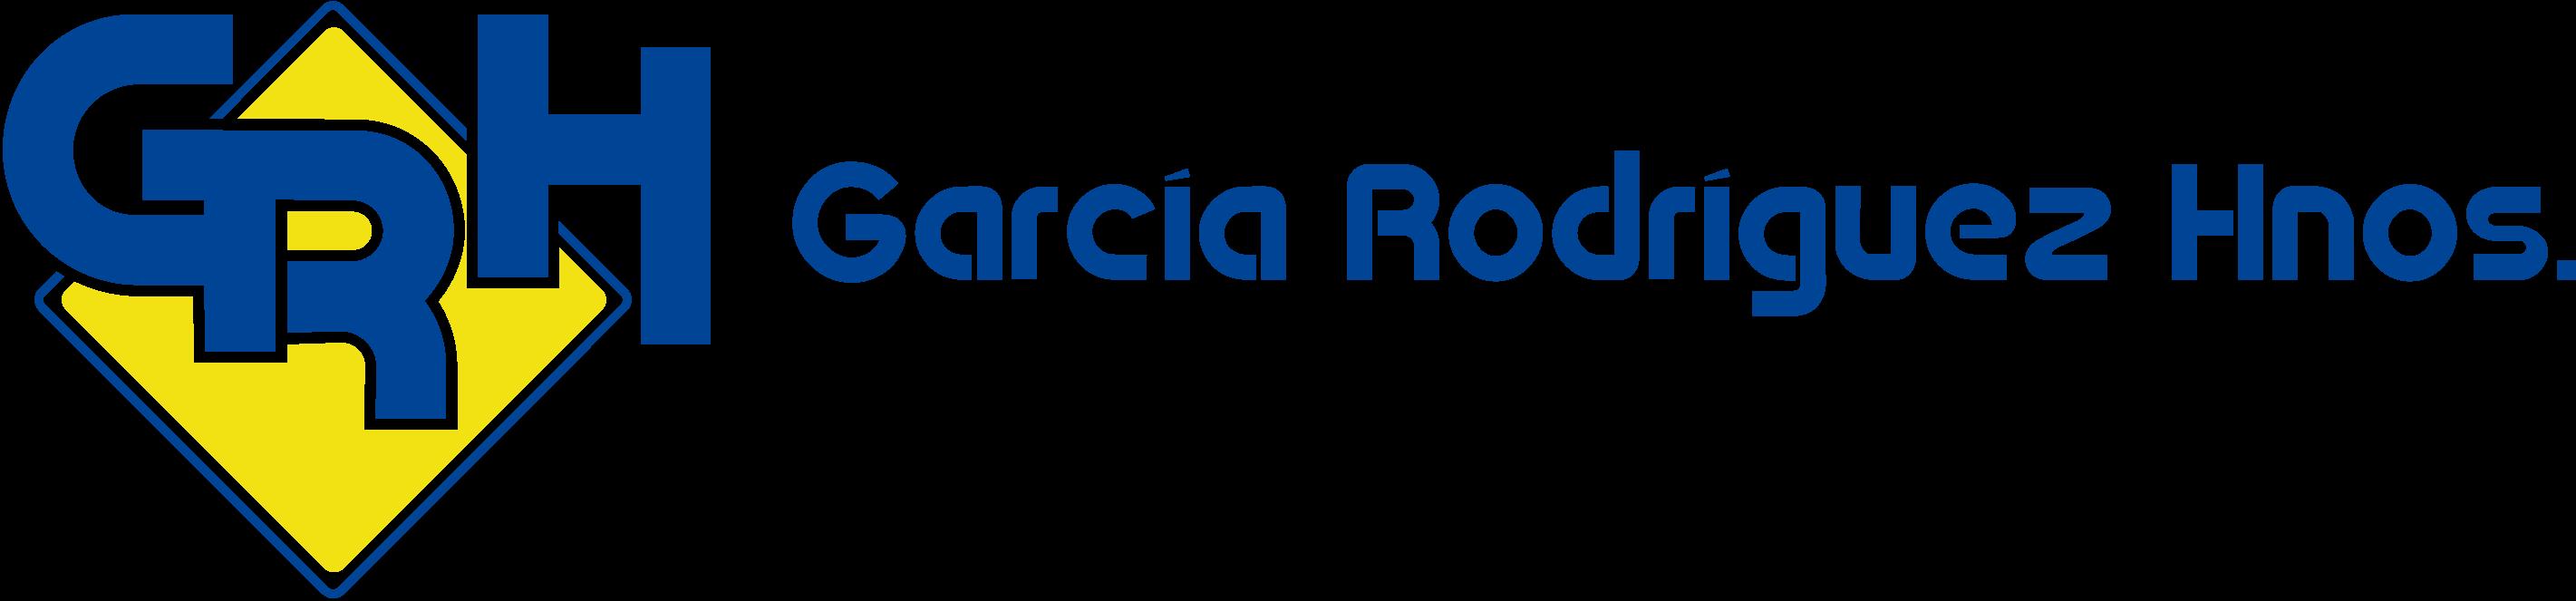 García Rodríguez Gijón | Maquinaria de hostelería de ocasión